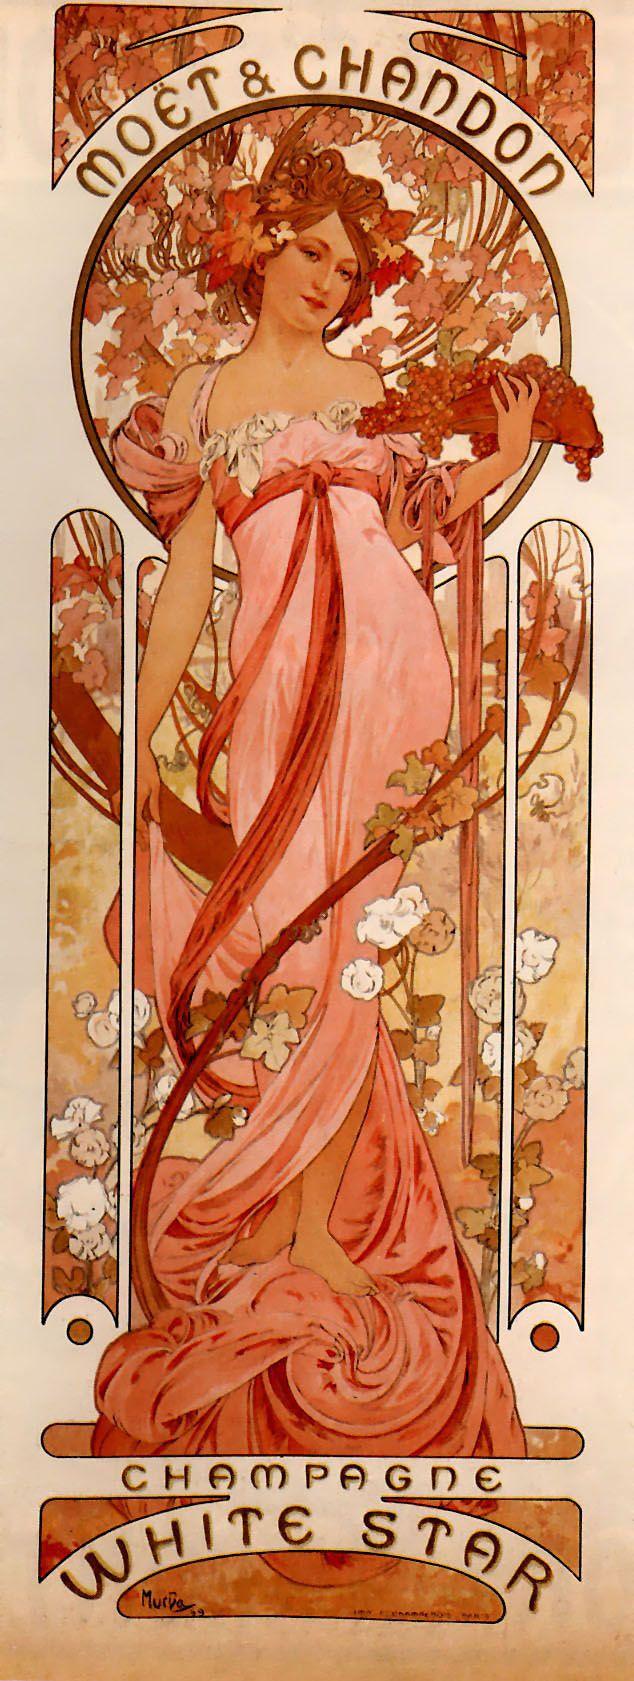 Art Nouveau: estilo ornamental utilizado em arquitetura, decoração, joalheria, ilustração etc., que se caracteriza pelo uso de linhas longas, ondulantes e assimétricas, muitas vezes apresentando elementos que lembram formas da natureza